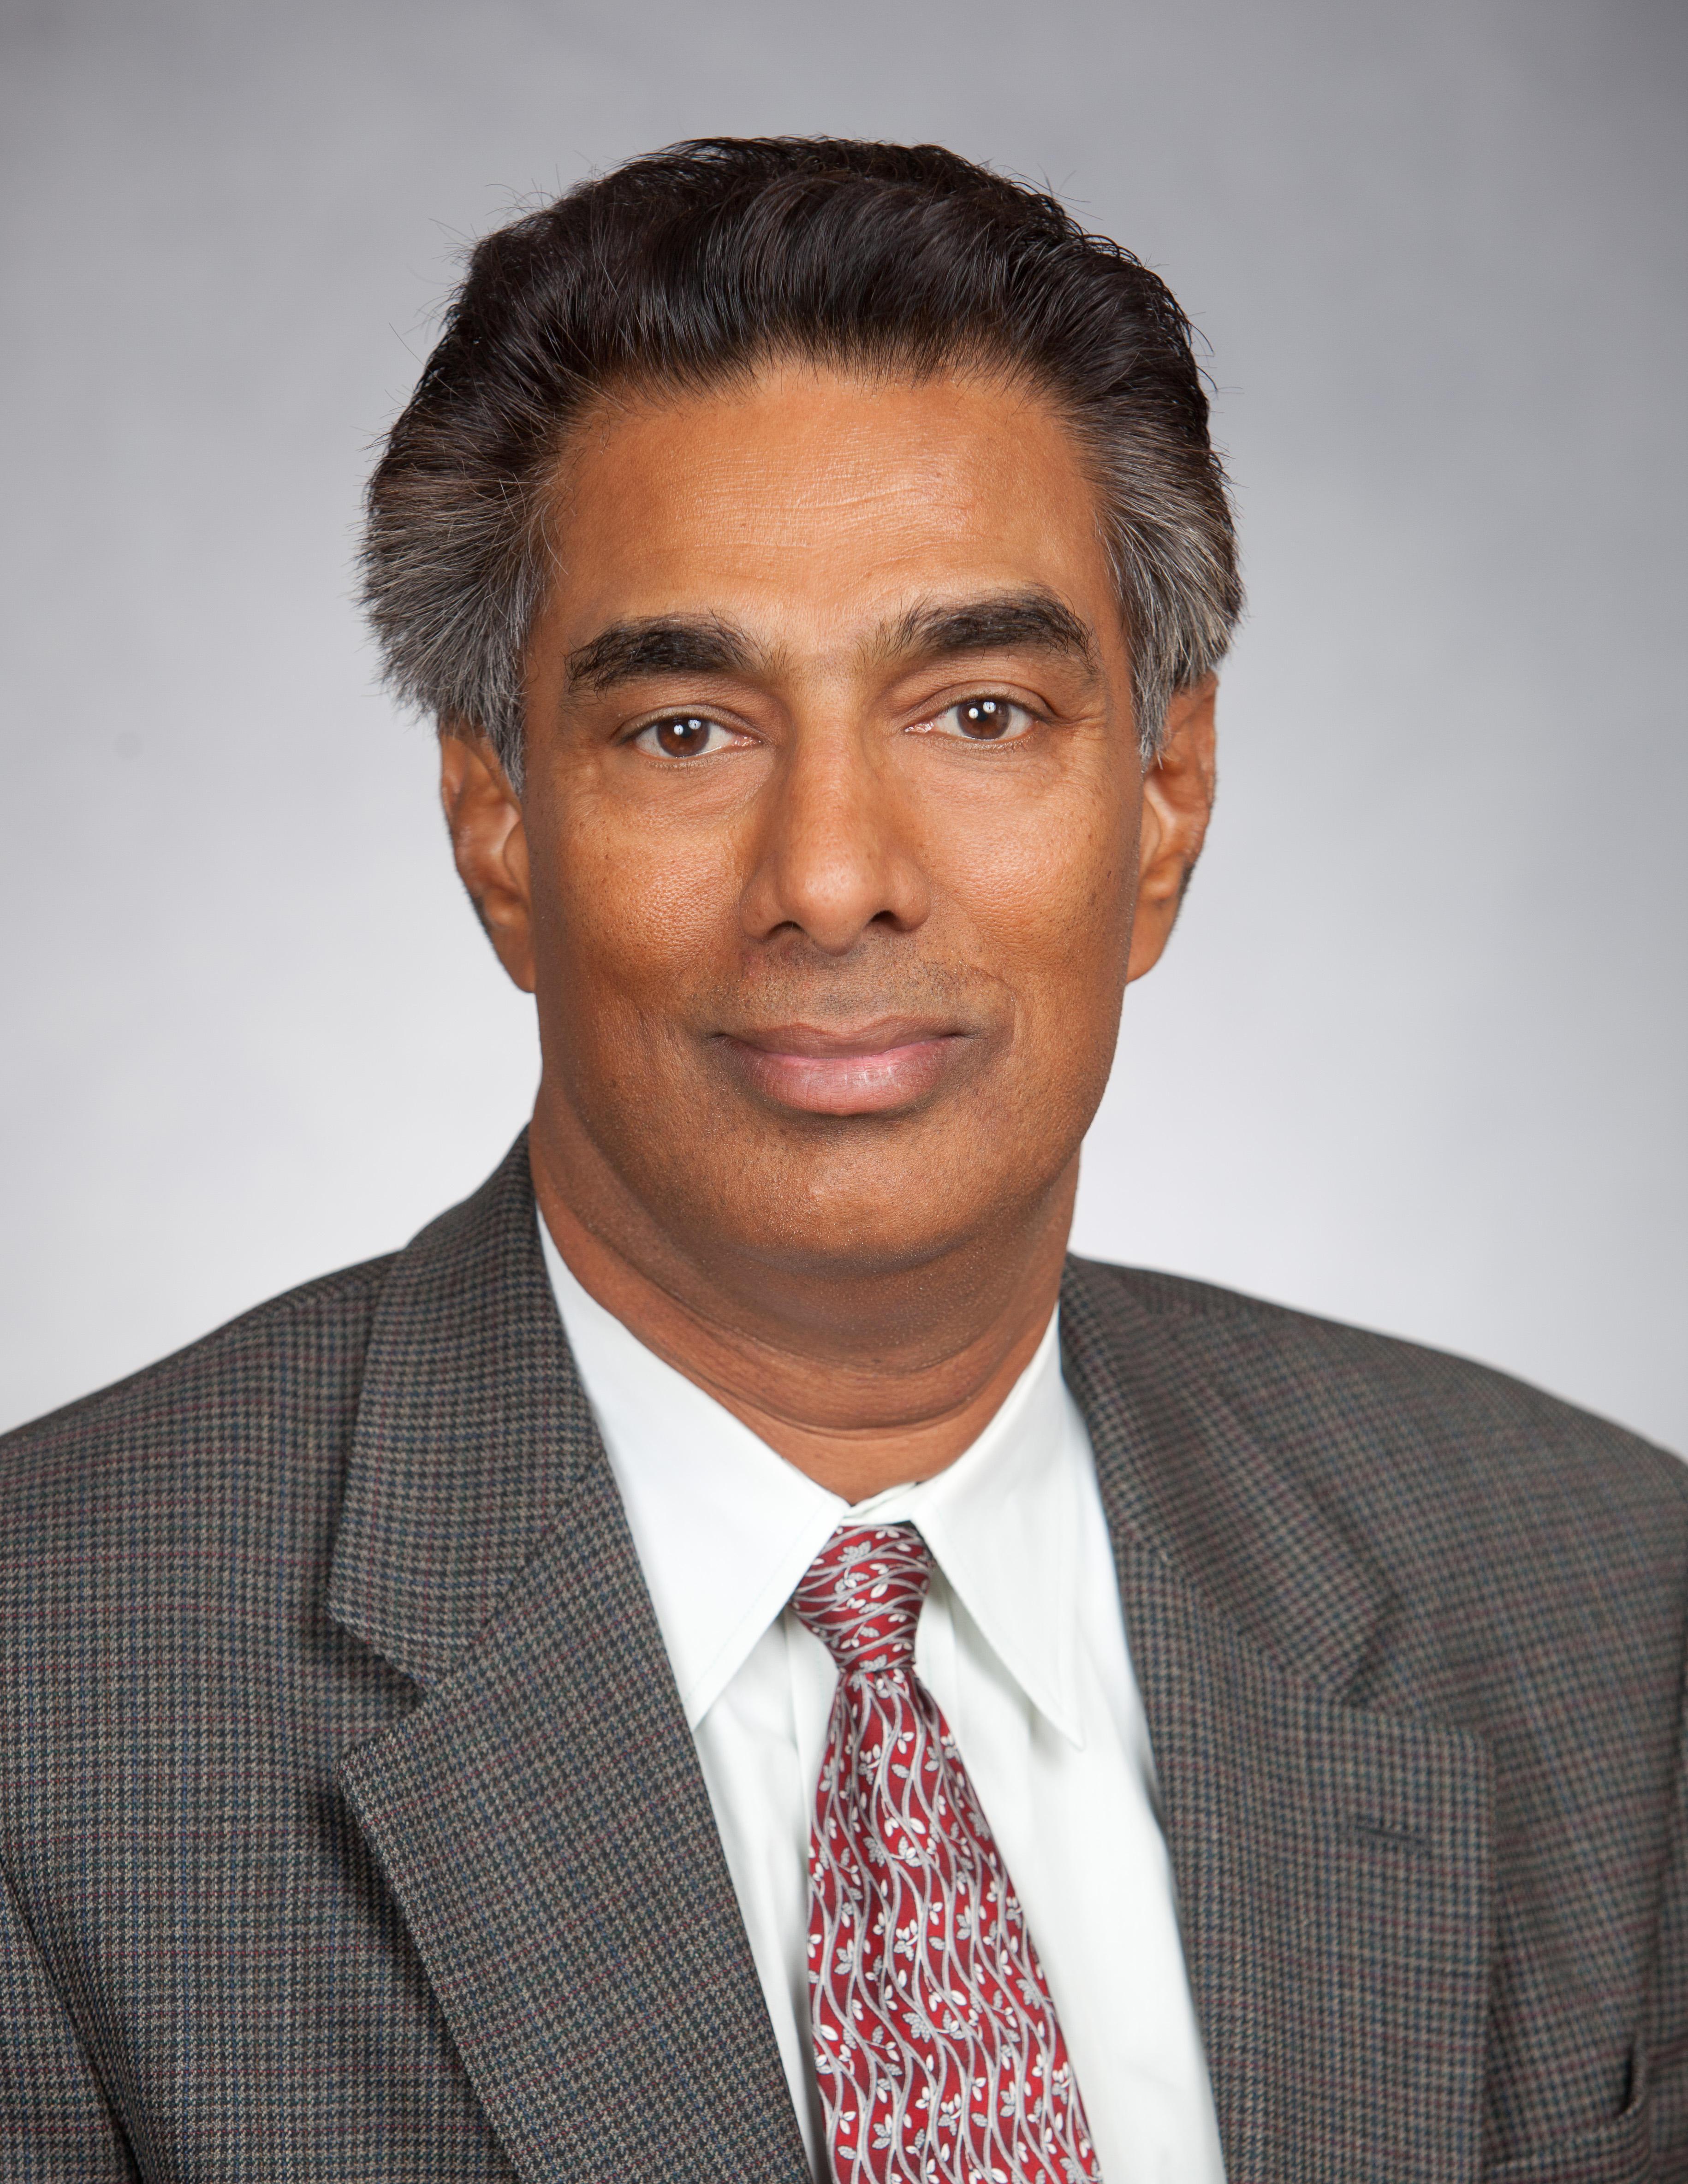 Ajay Sandhu